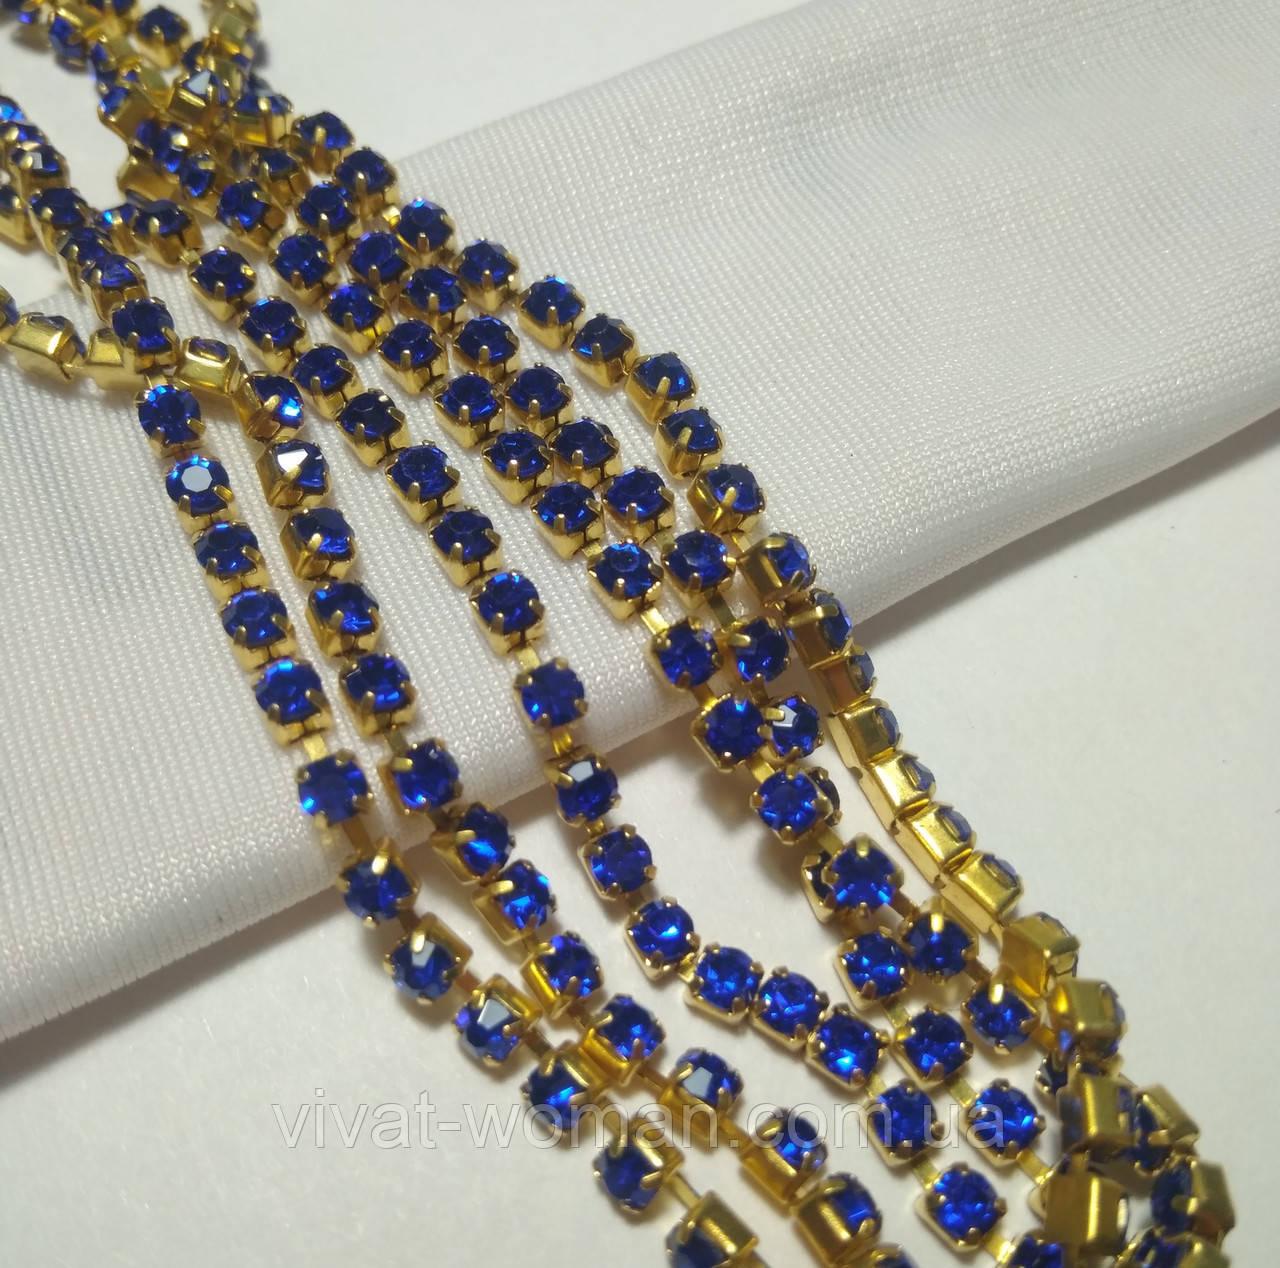 Стразовая цепь, gold, Sapphire SS12 (3 мм) 1 ряд. Цена за 0.5 м.